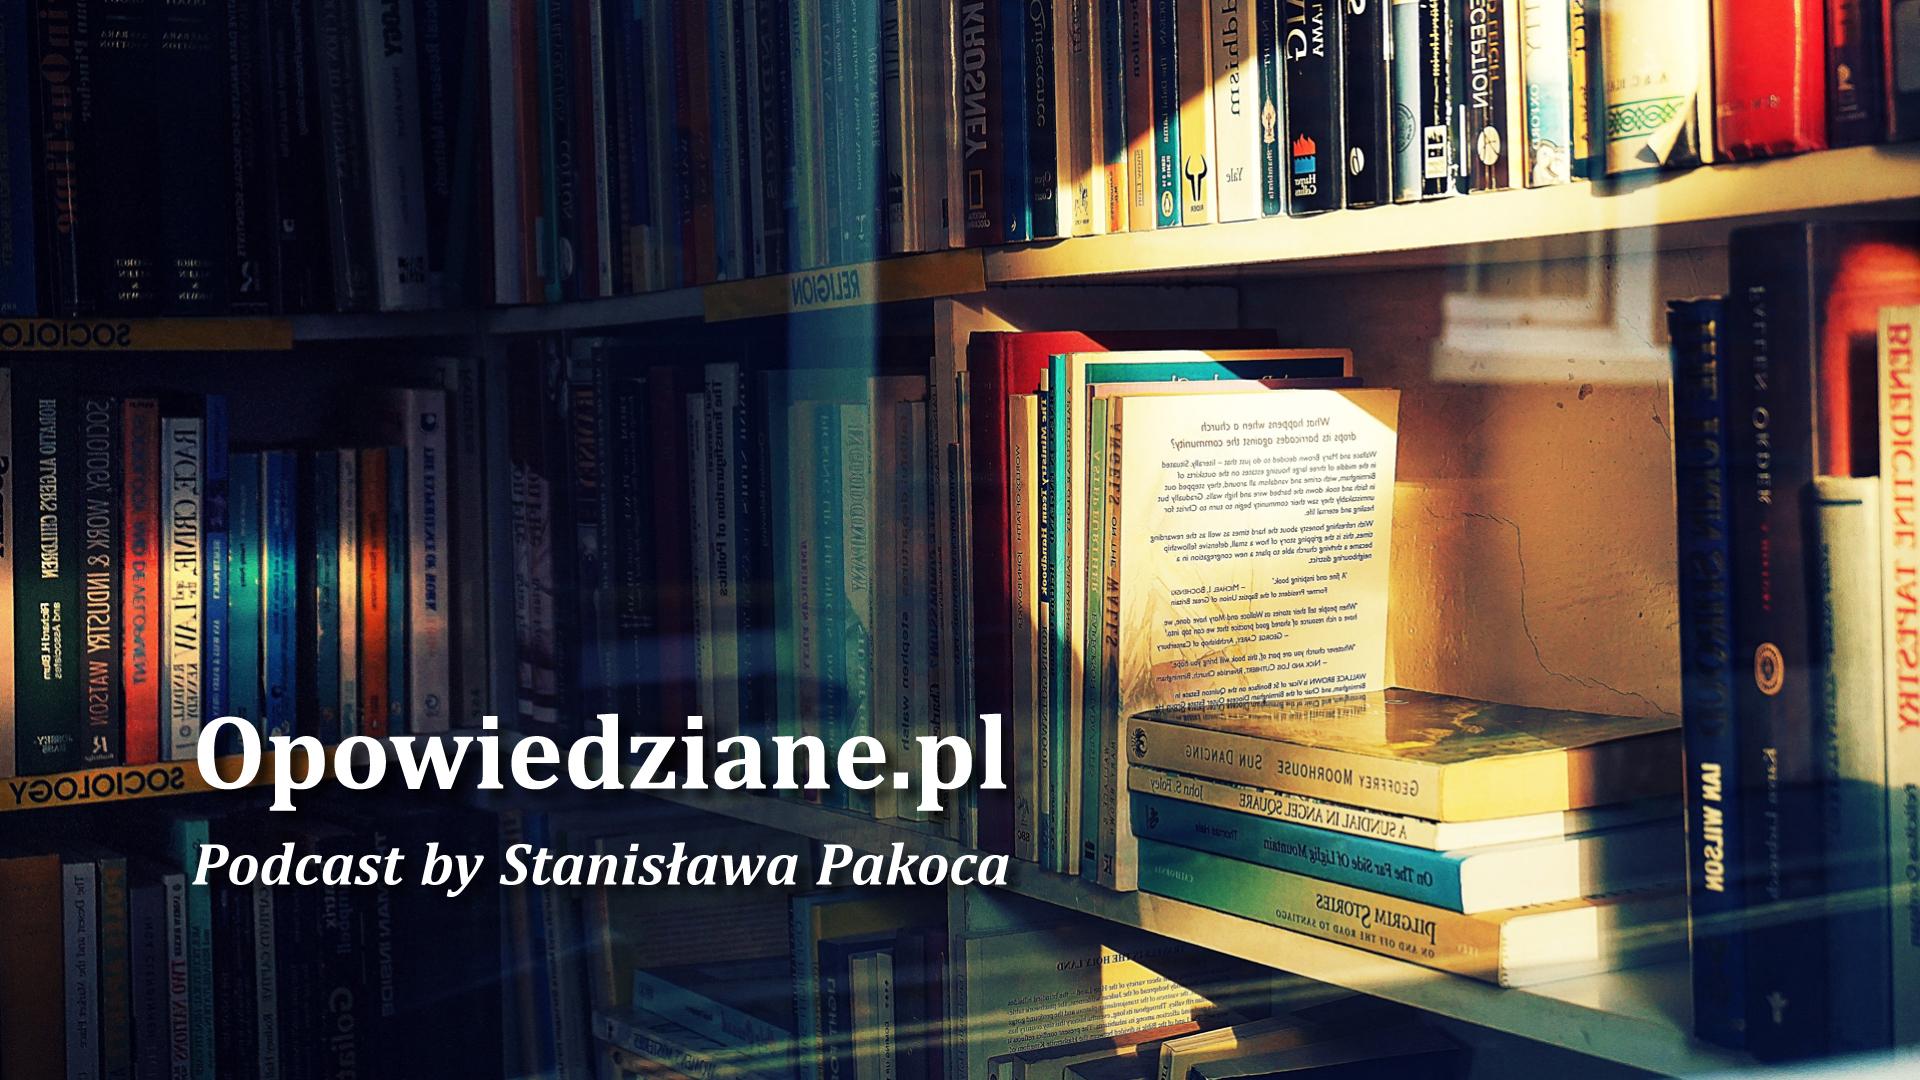 """Regał pełen książek i napis """"Opowiedziane.pl Podcast by Stanisława Pakoca""""."""